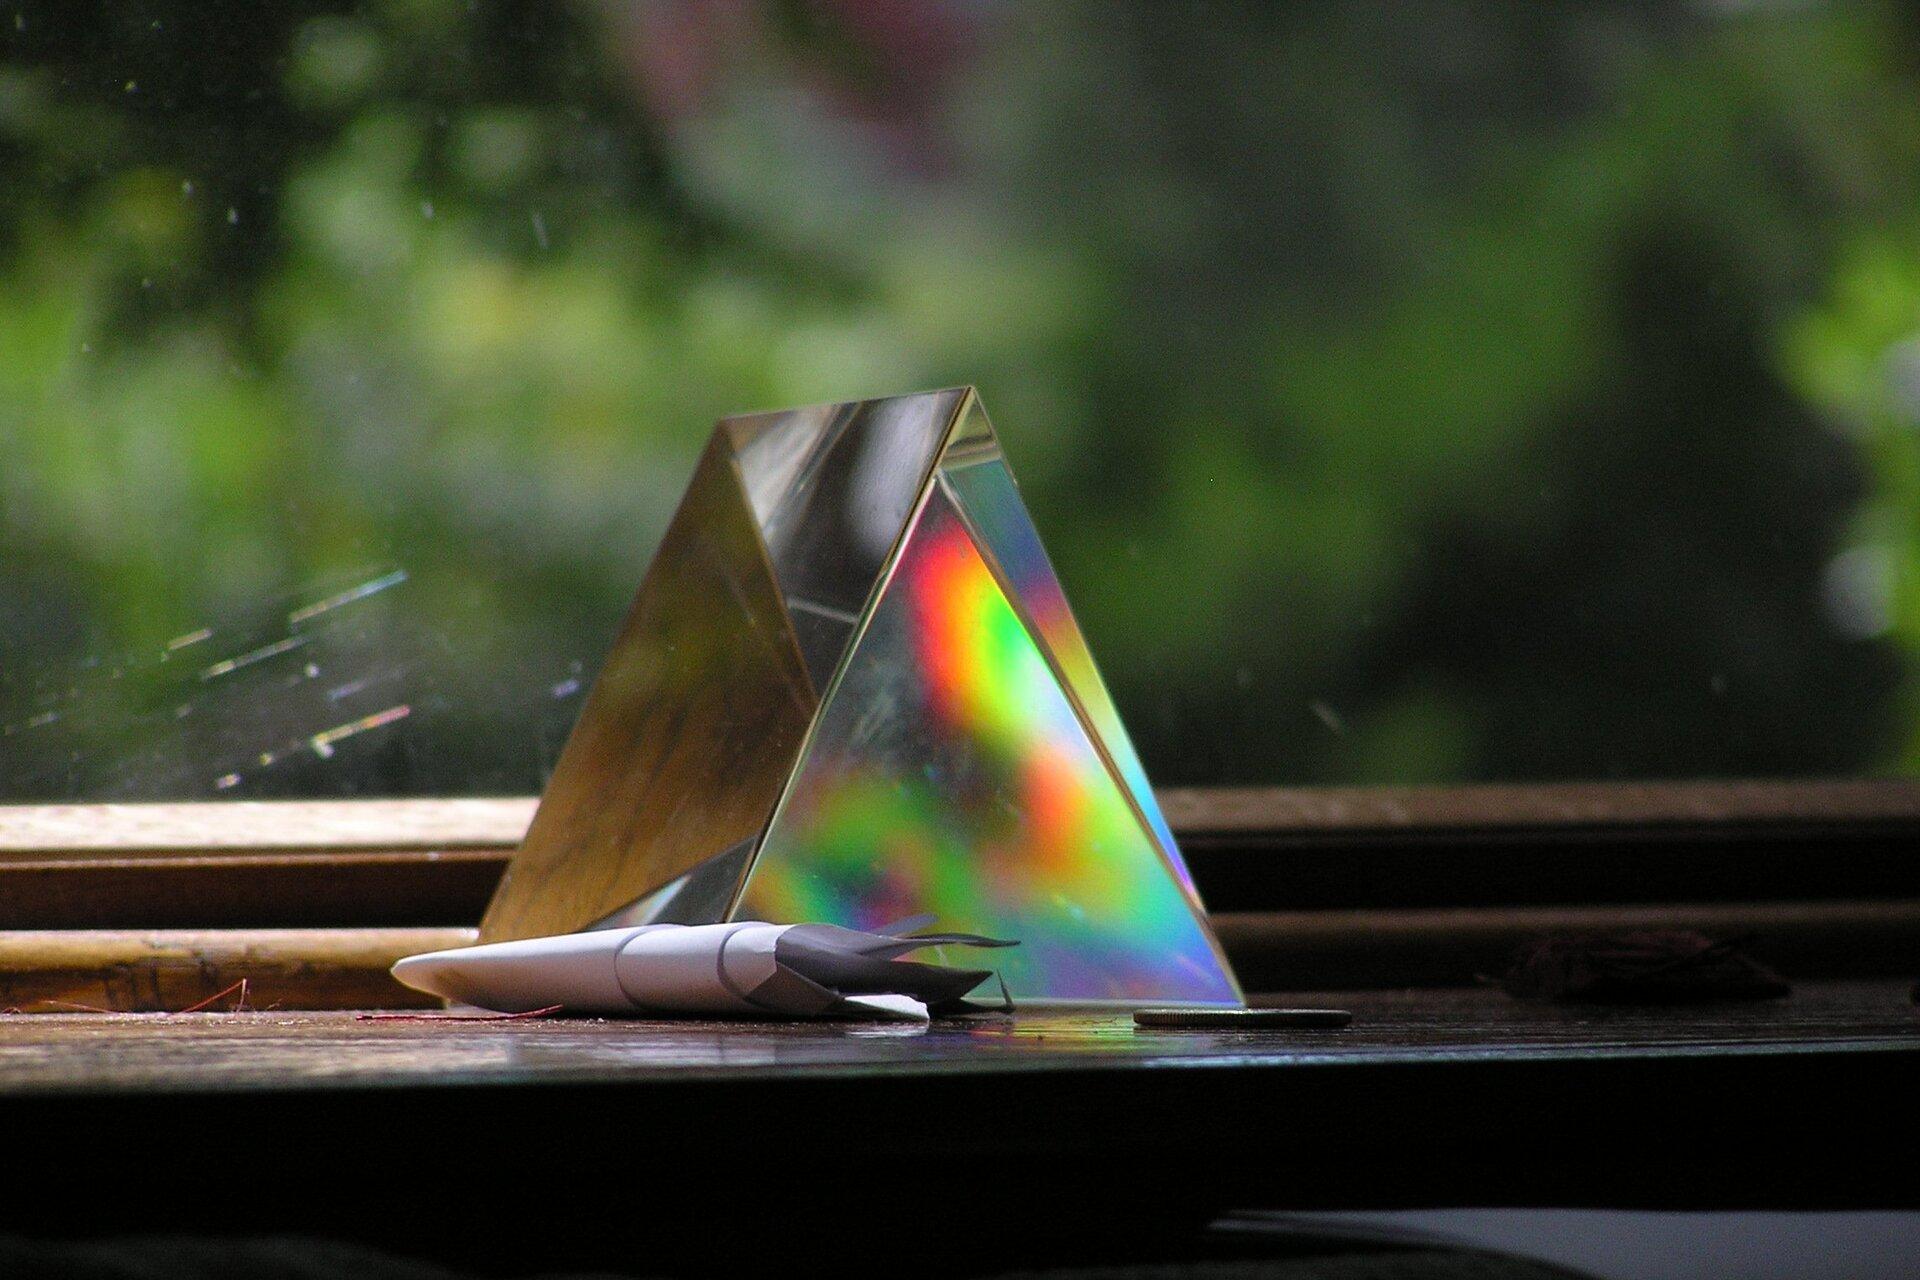 Zdjęcie przedstawia trójkątny pryzmat szklany stojący na parapecie okiennym ioświetlany przez rozproszone światło słoneczne padające zlewej strony. Przez przednią ściankę pryzmatu można zaobserwować, jak na jednej ze ścianek przeciwległych tworzą się różnobarwne plamy, efekt rozszczepienia światła. Wtle szyba okienna za którą wobszarze nieostrości zdjęcia znajduje się zielona roślinność.